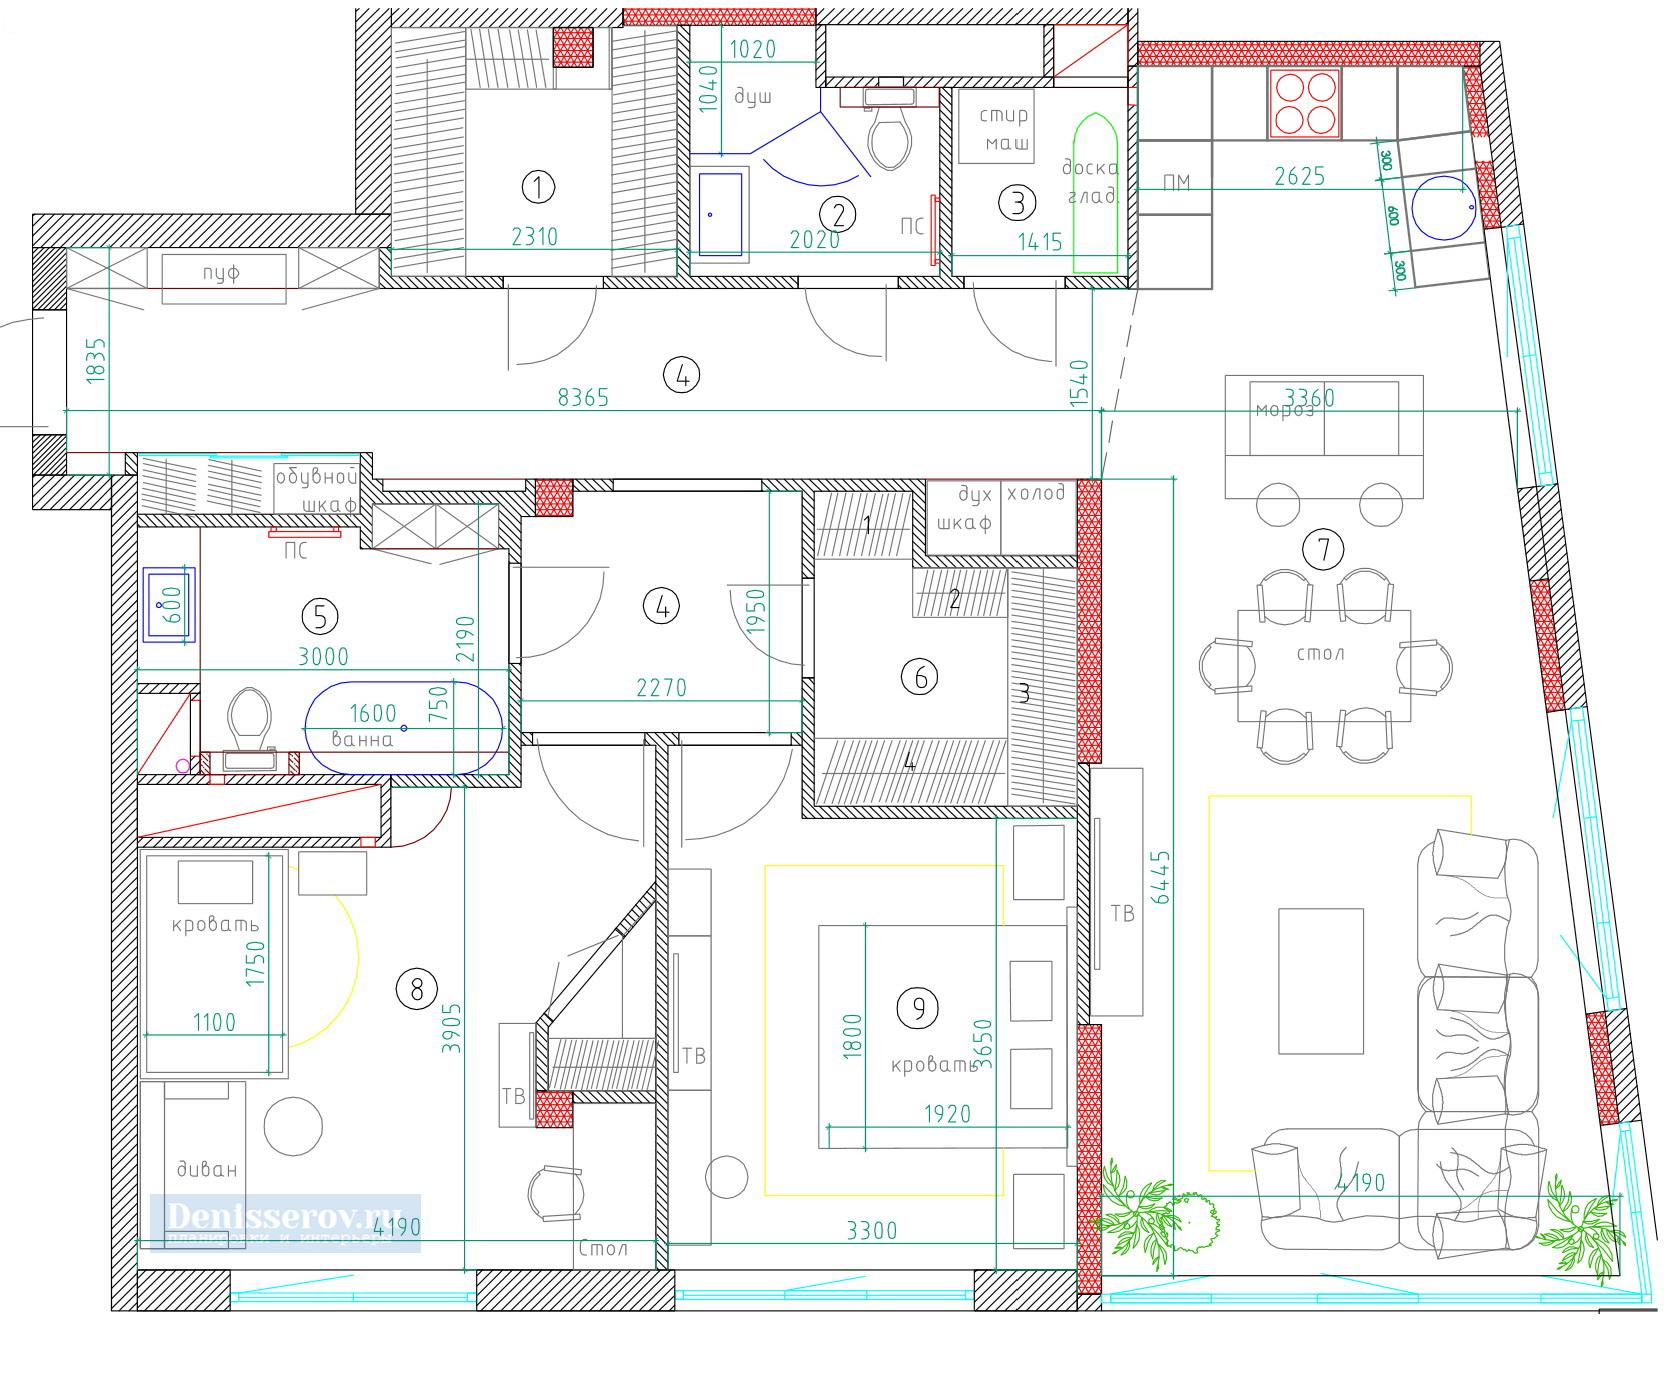 Как узаконить перепланировку квартиры самостоятельно? В